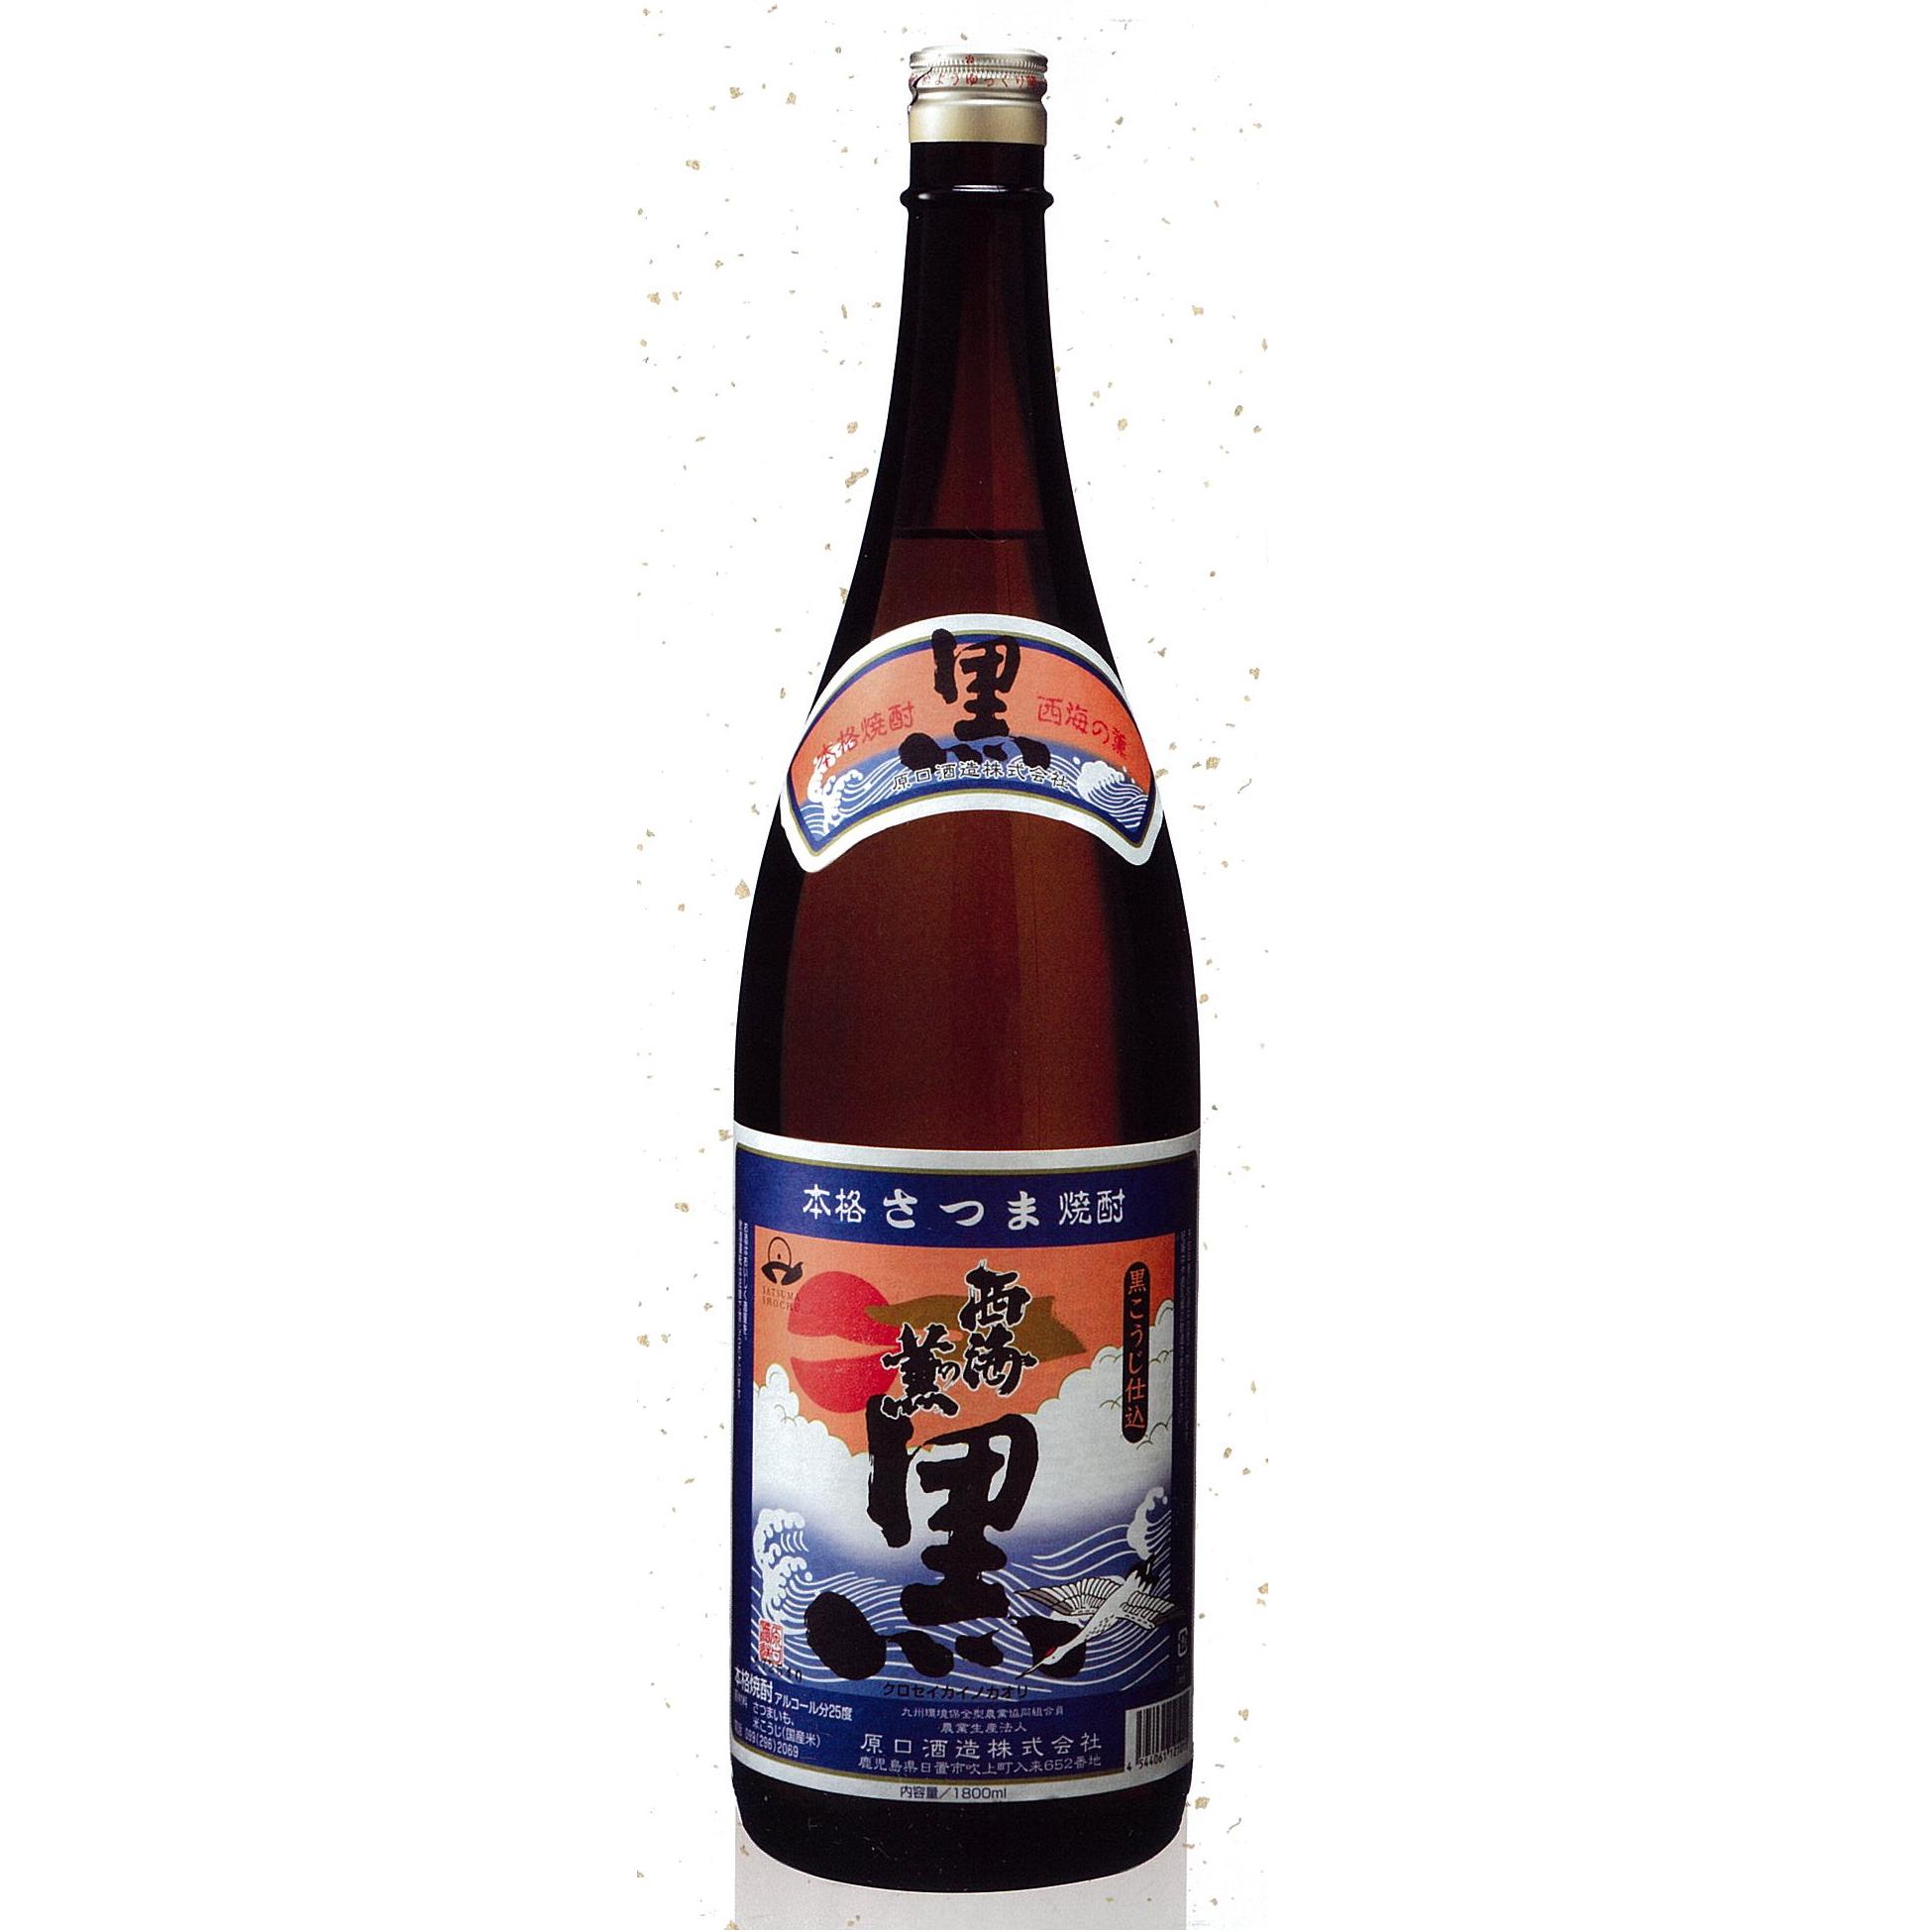 コクが強くどっしりとした濃厚な味わい……黒麹の芋焼酎の魅力